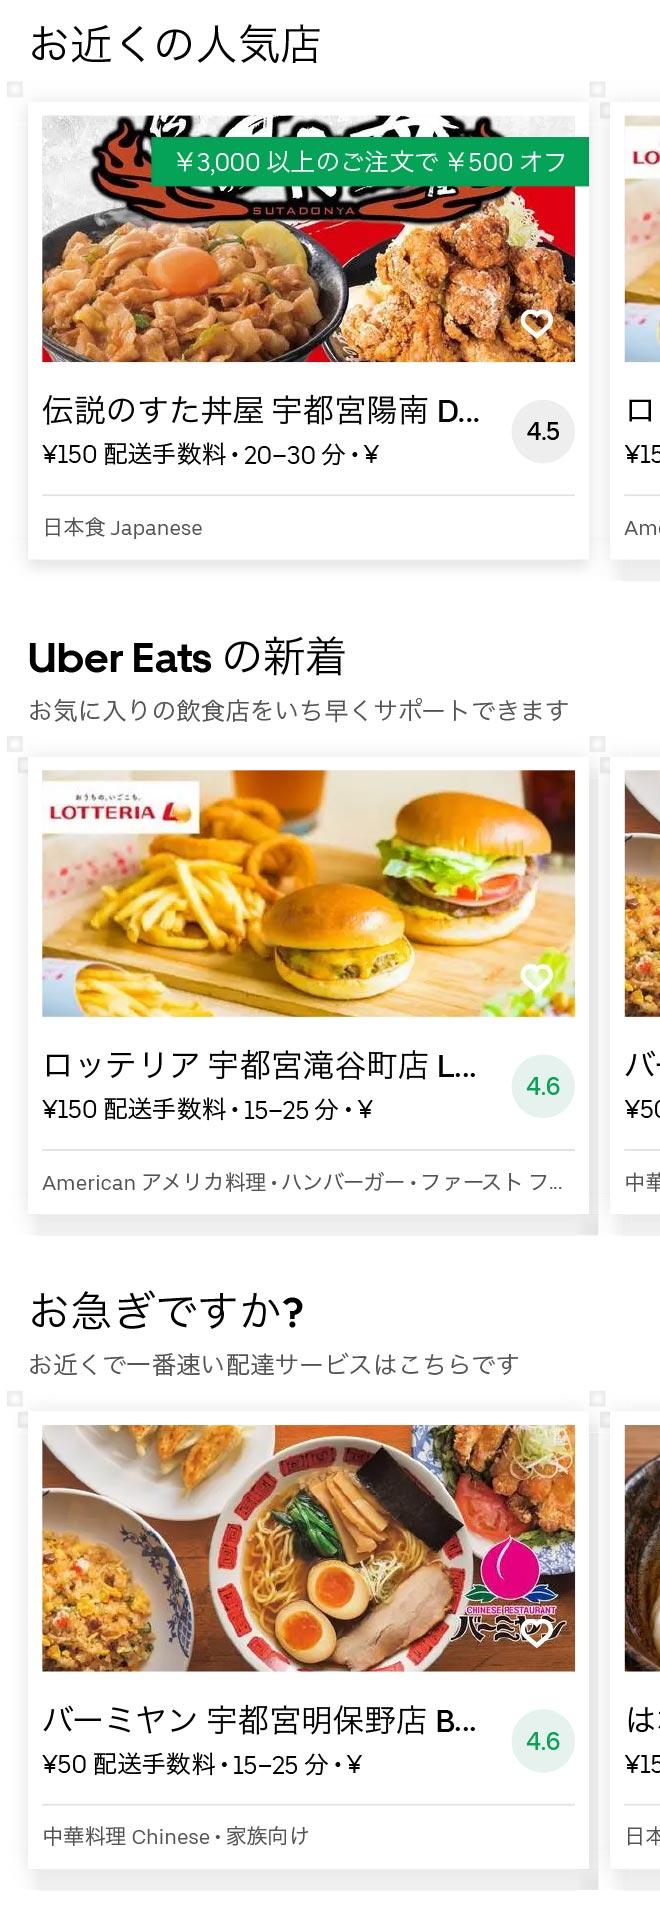 Tsuruta menu 2010 01